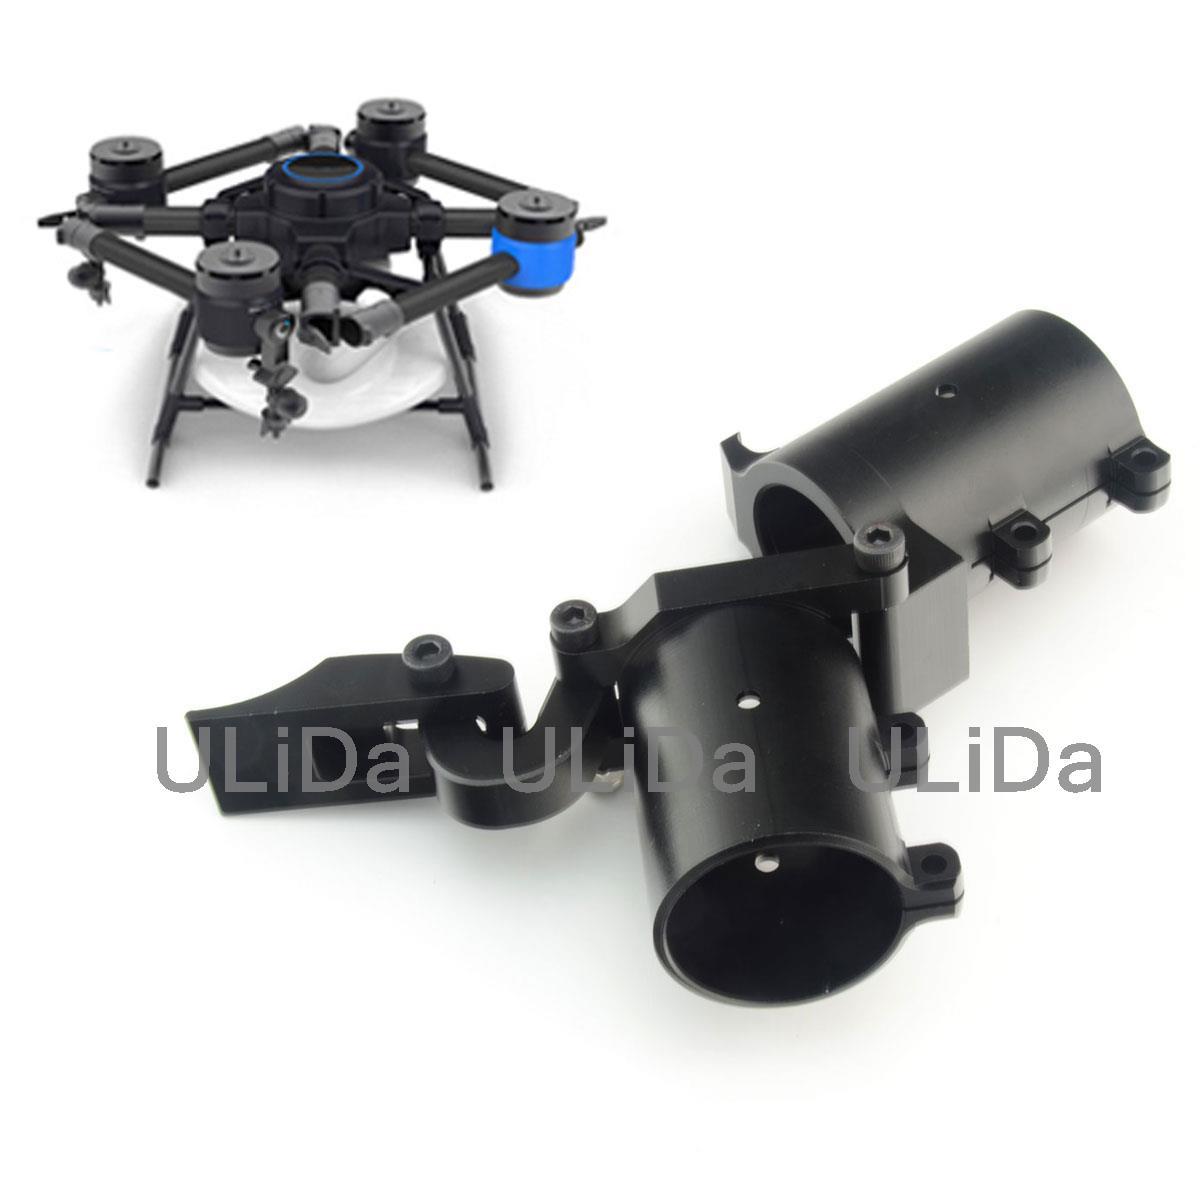 Tolle Aluminiumrahmen Quadcopter Ideen - Benutzerdefinierte ...